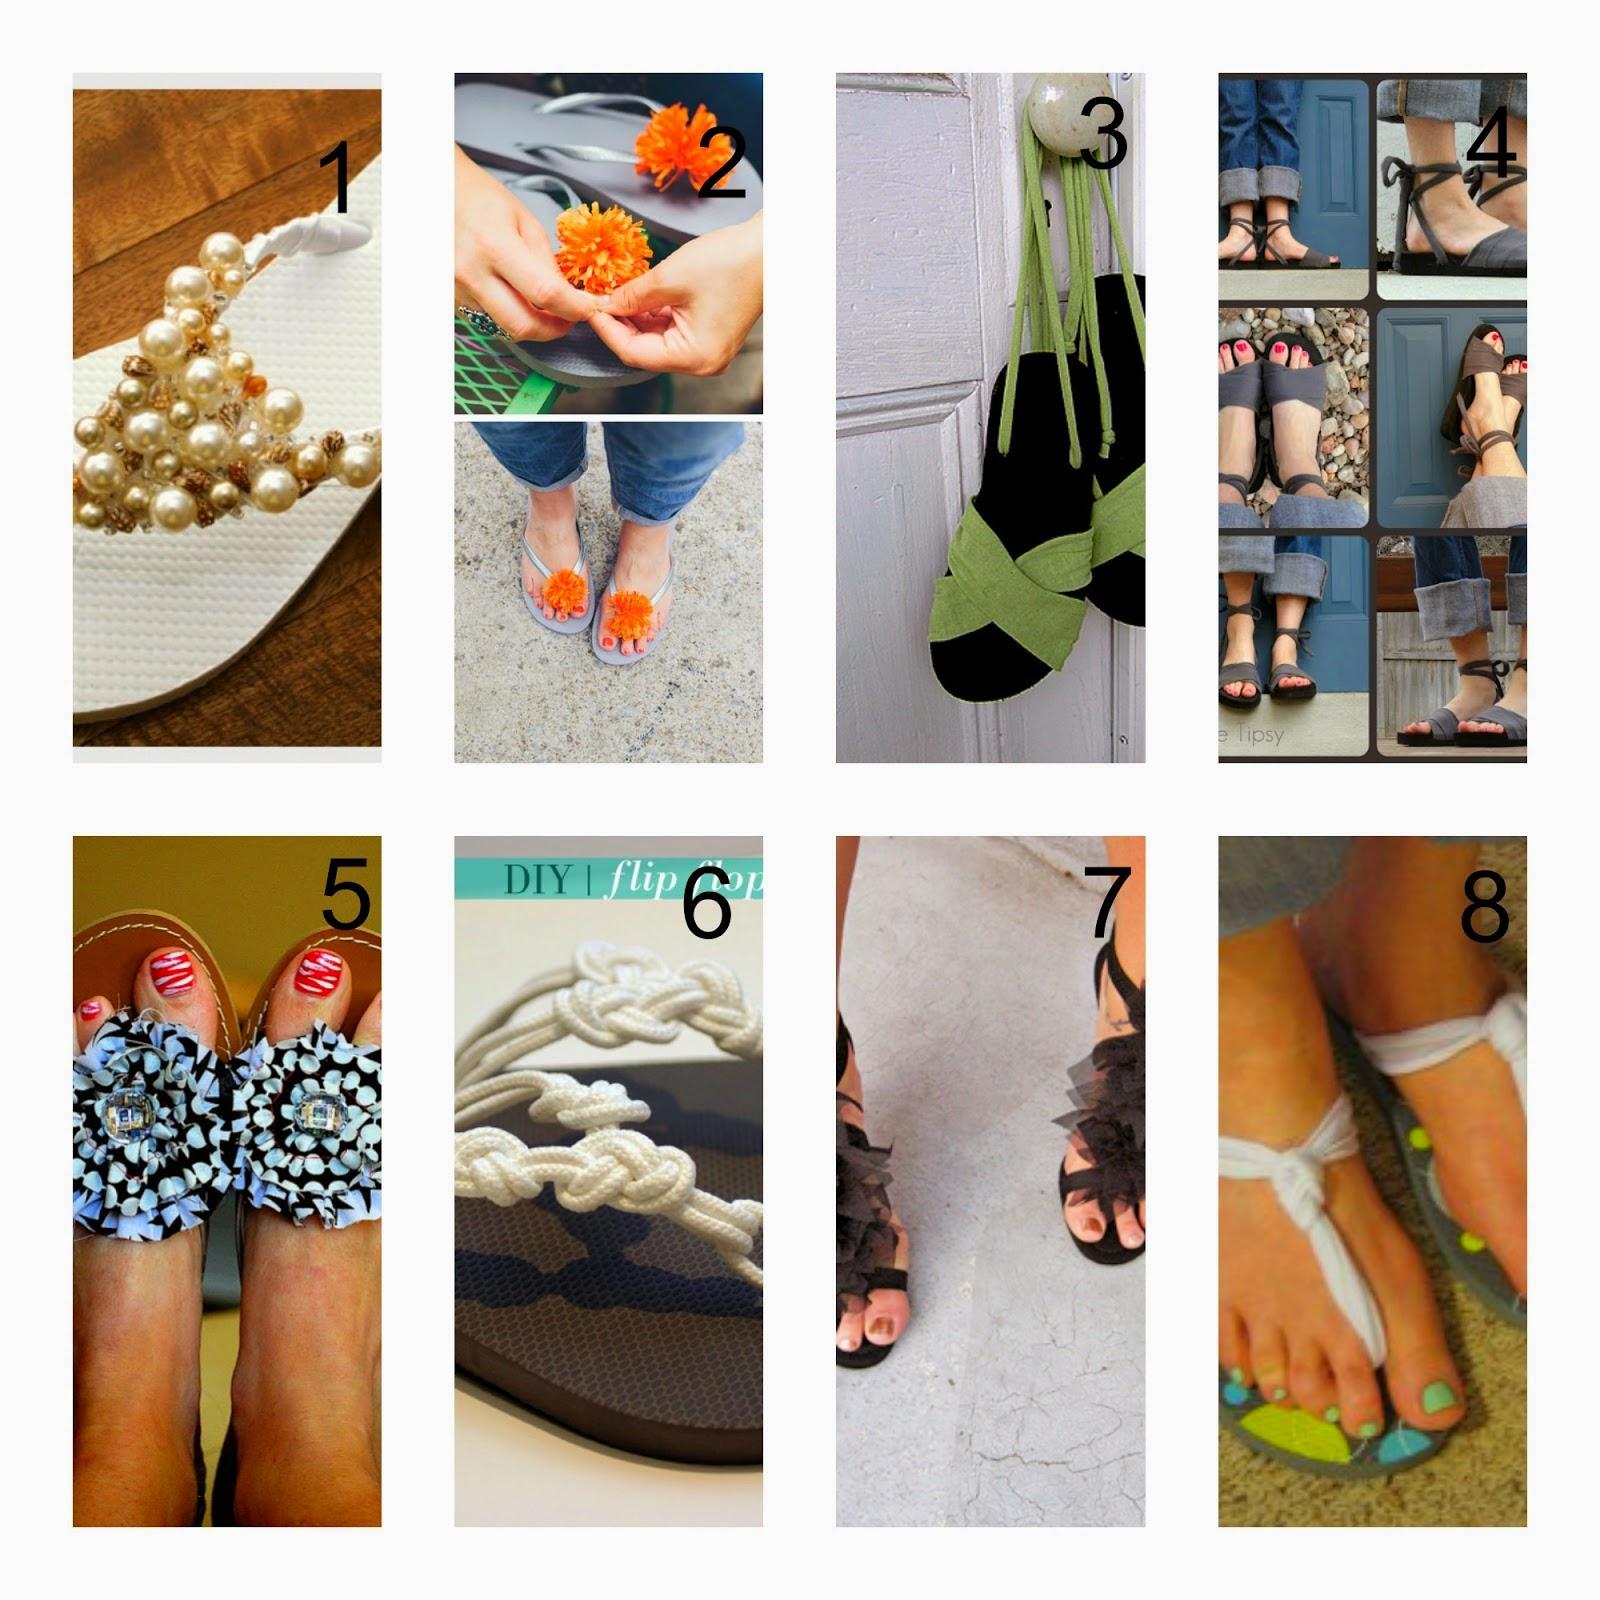 Donneinpink magazine 8 idee fai da te per riciclare le - Idee per riciclare ...